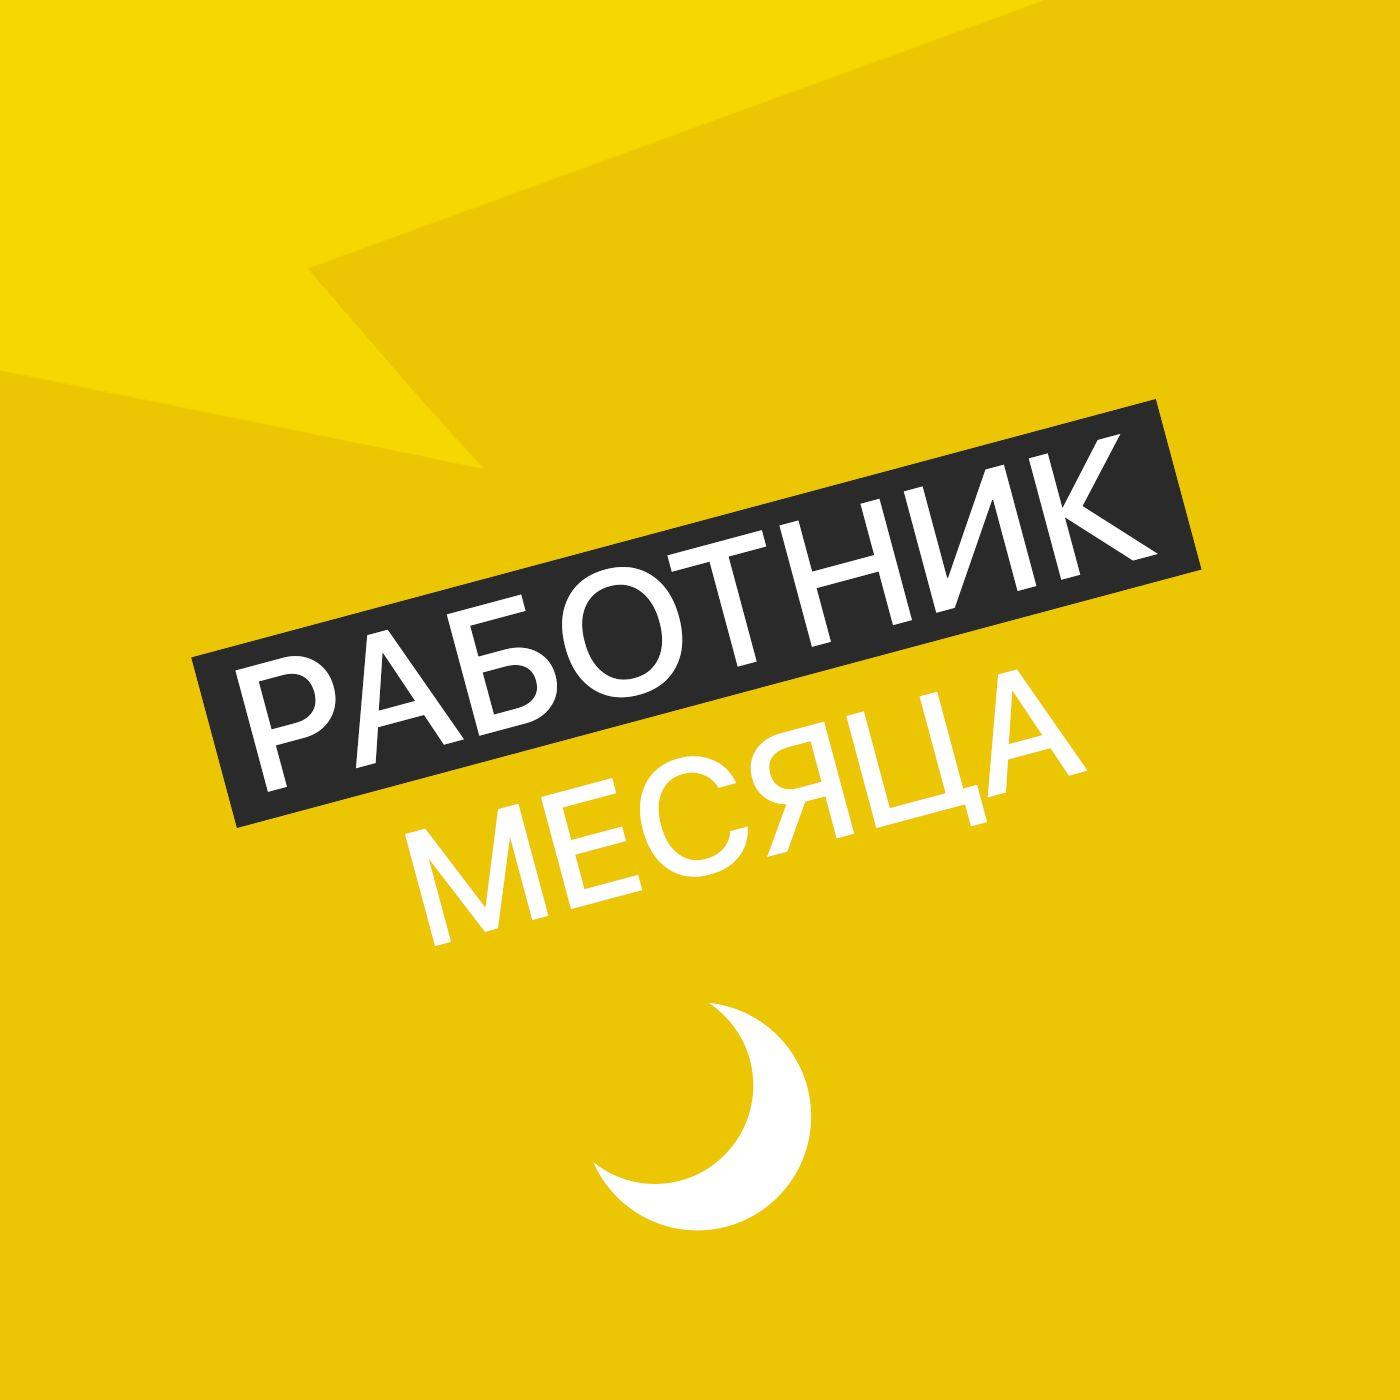 Астролог_Творческий коллектив Mojomedia